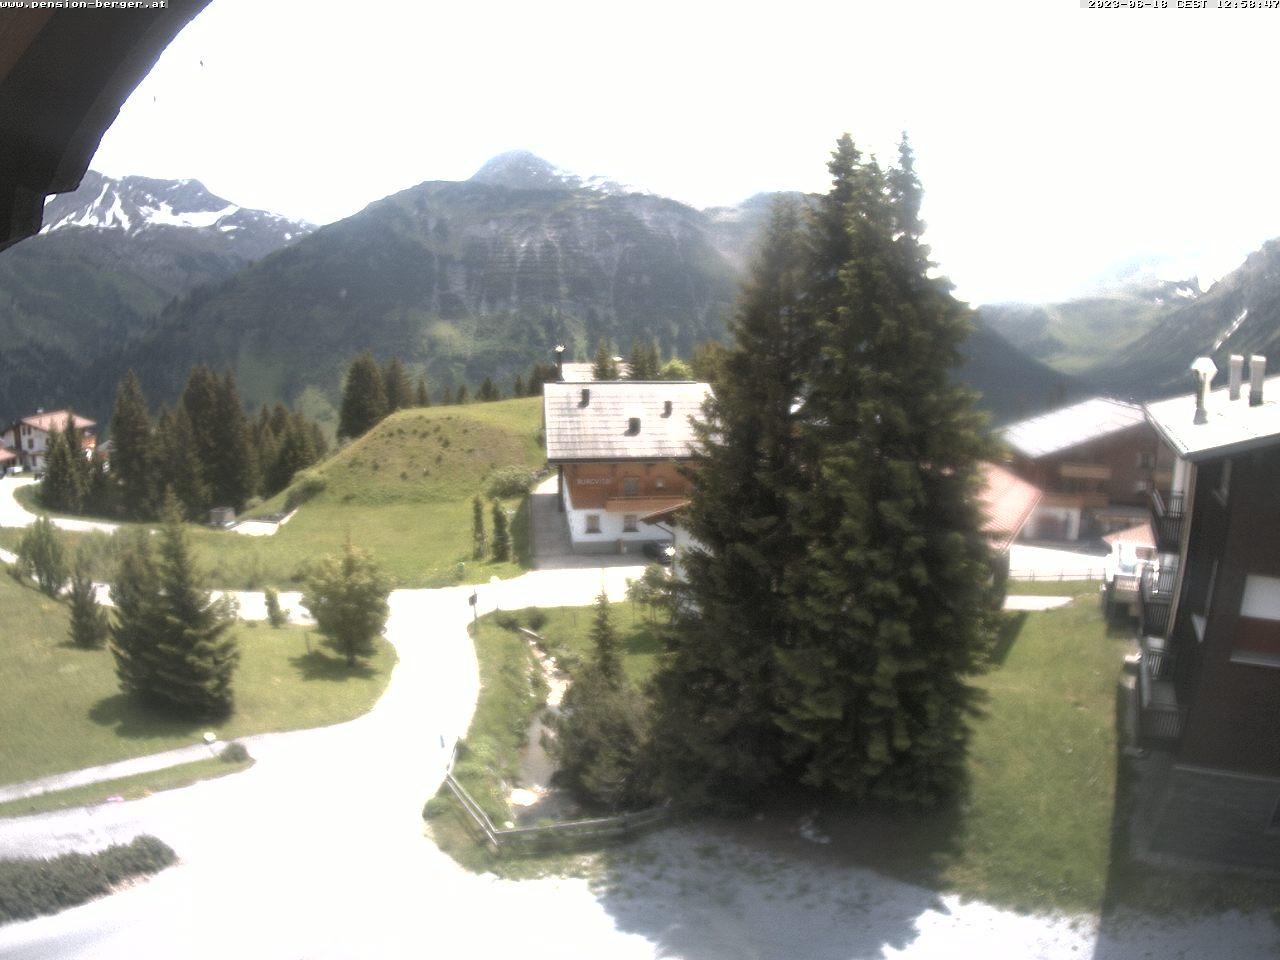 Oberlech - Webcam Galore